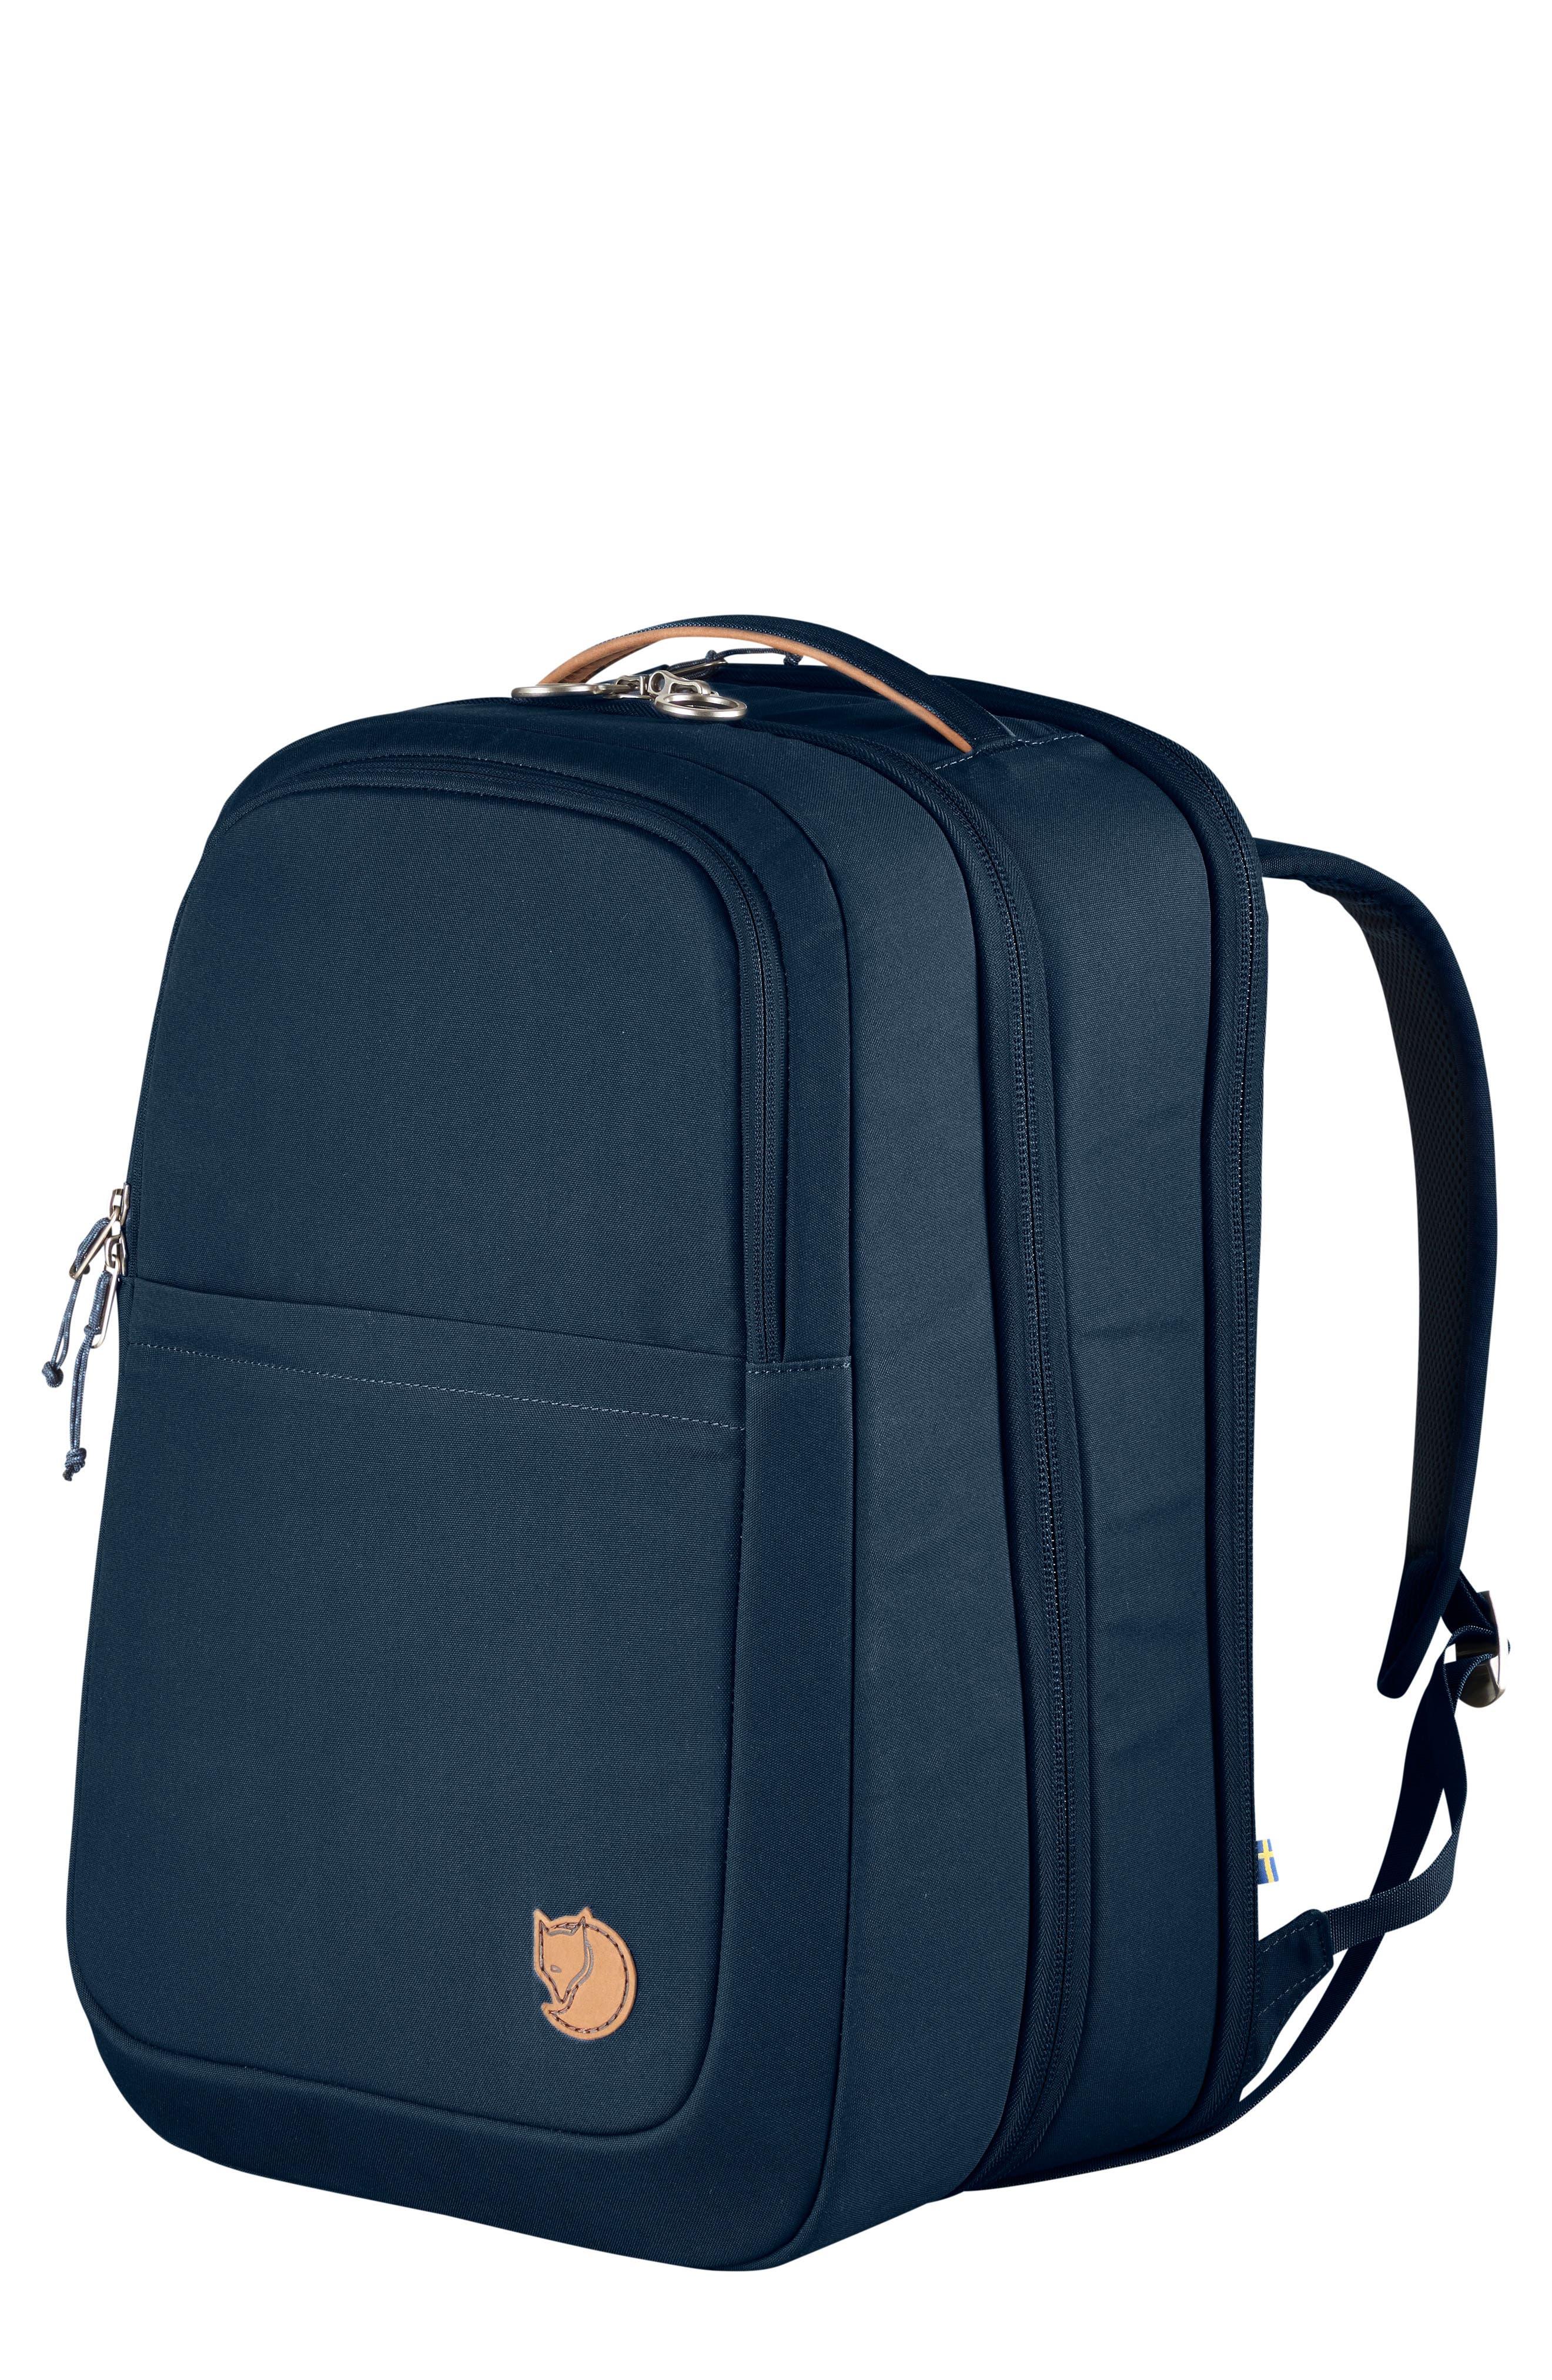 Travel Backpack,                             Main thumbnail 1, color,                             Navy